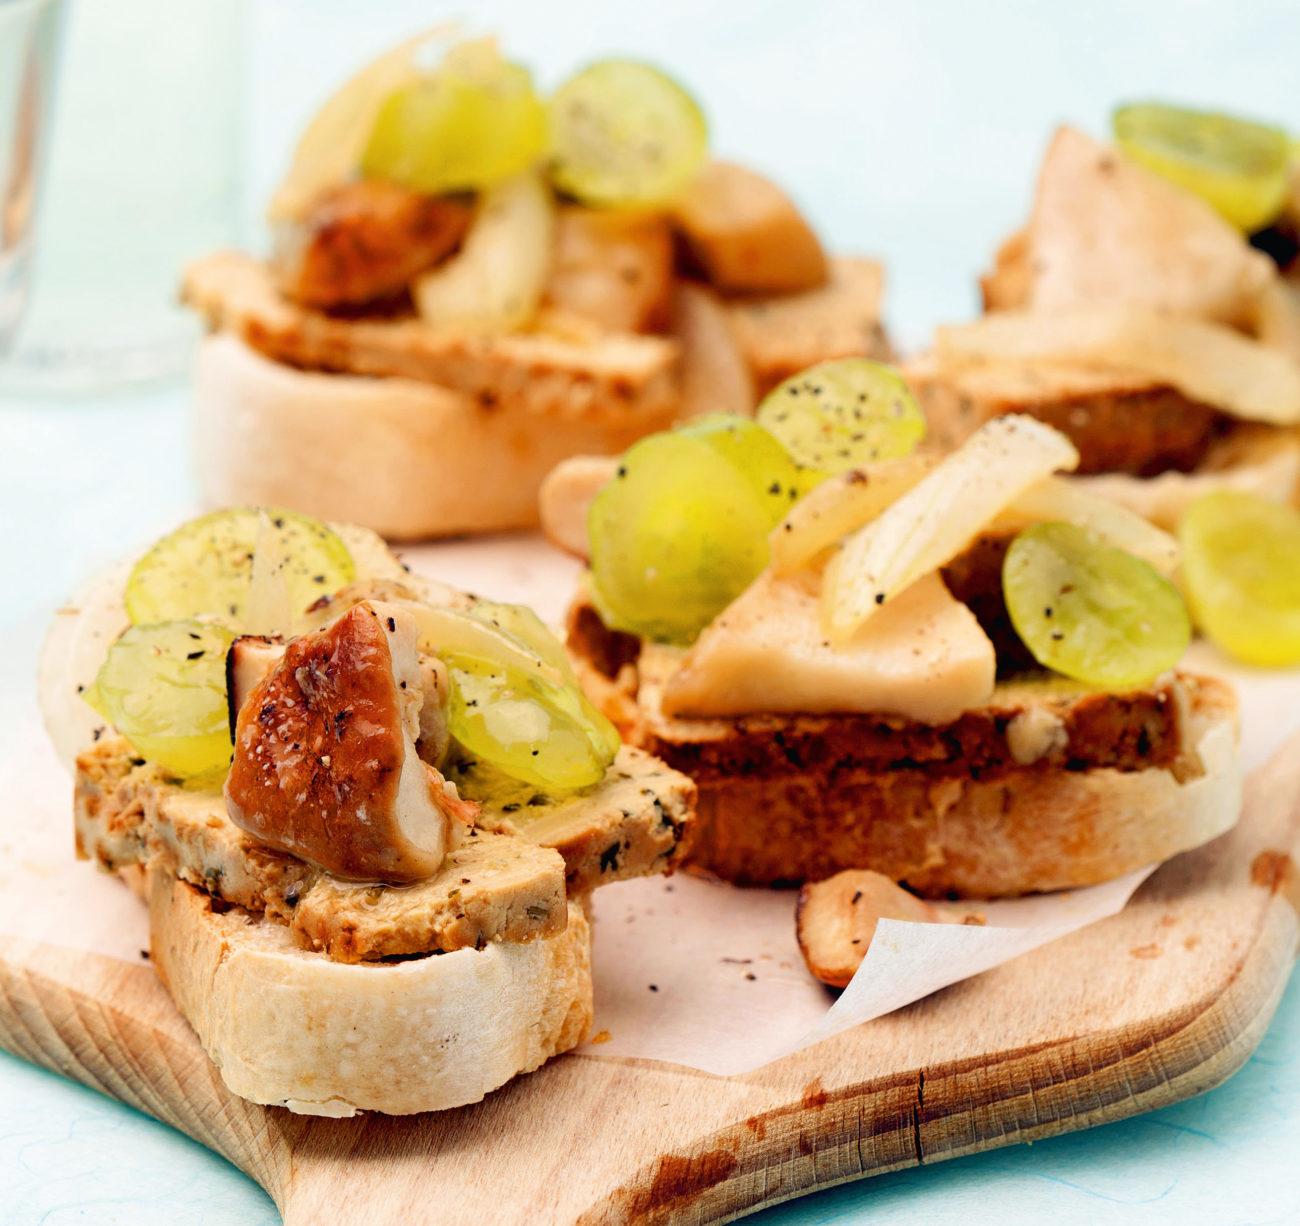 Bruschette all'uva con tofu affumicato e funghi